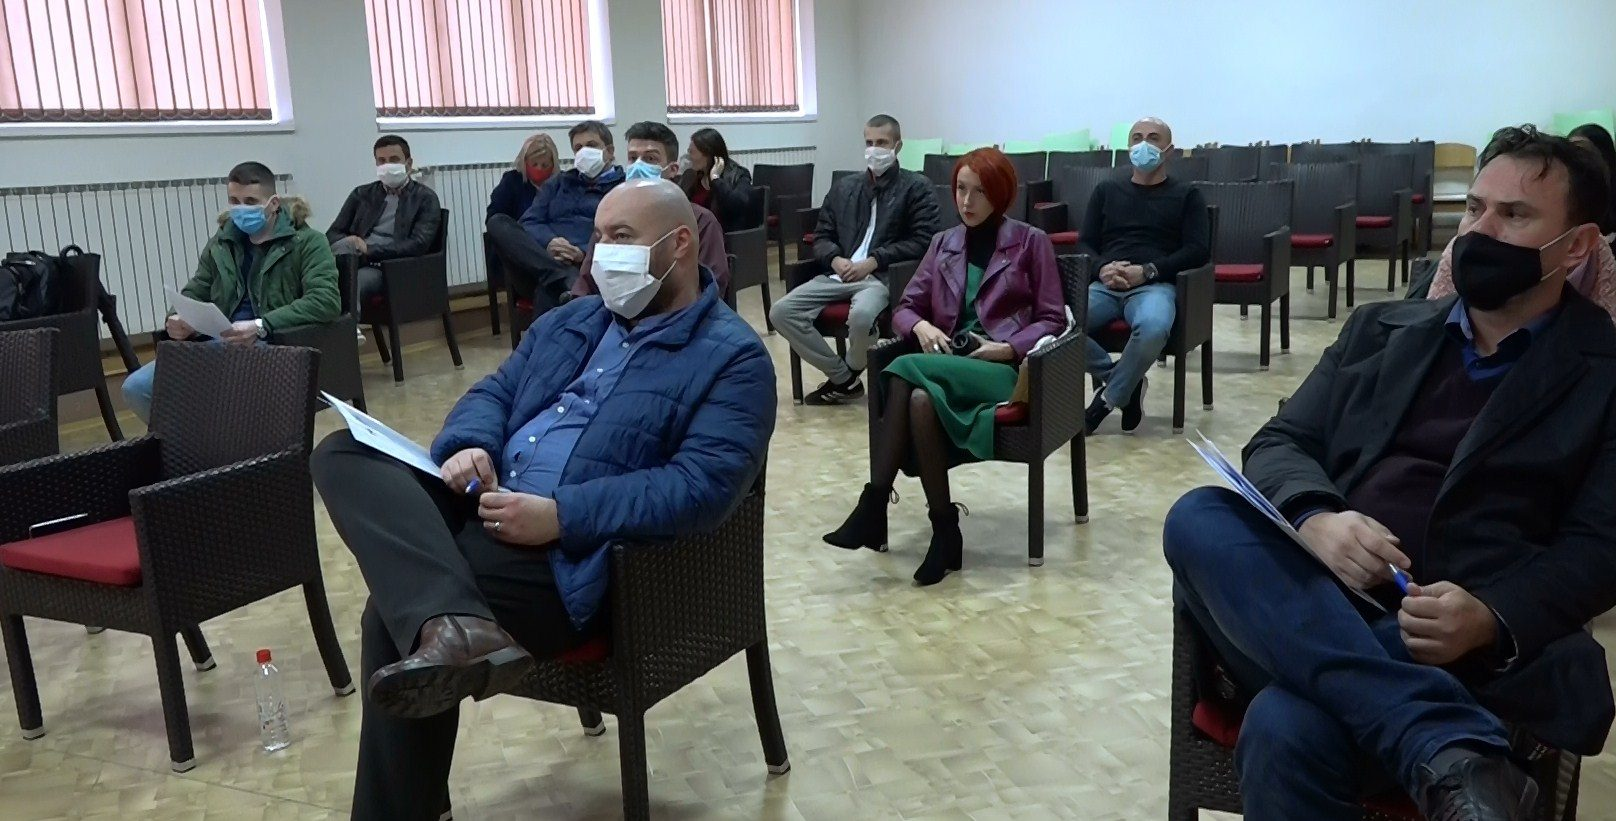 Impakt i Općina Sanski Most podržali 5 novih biznisa u Sanskom Mostu